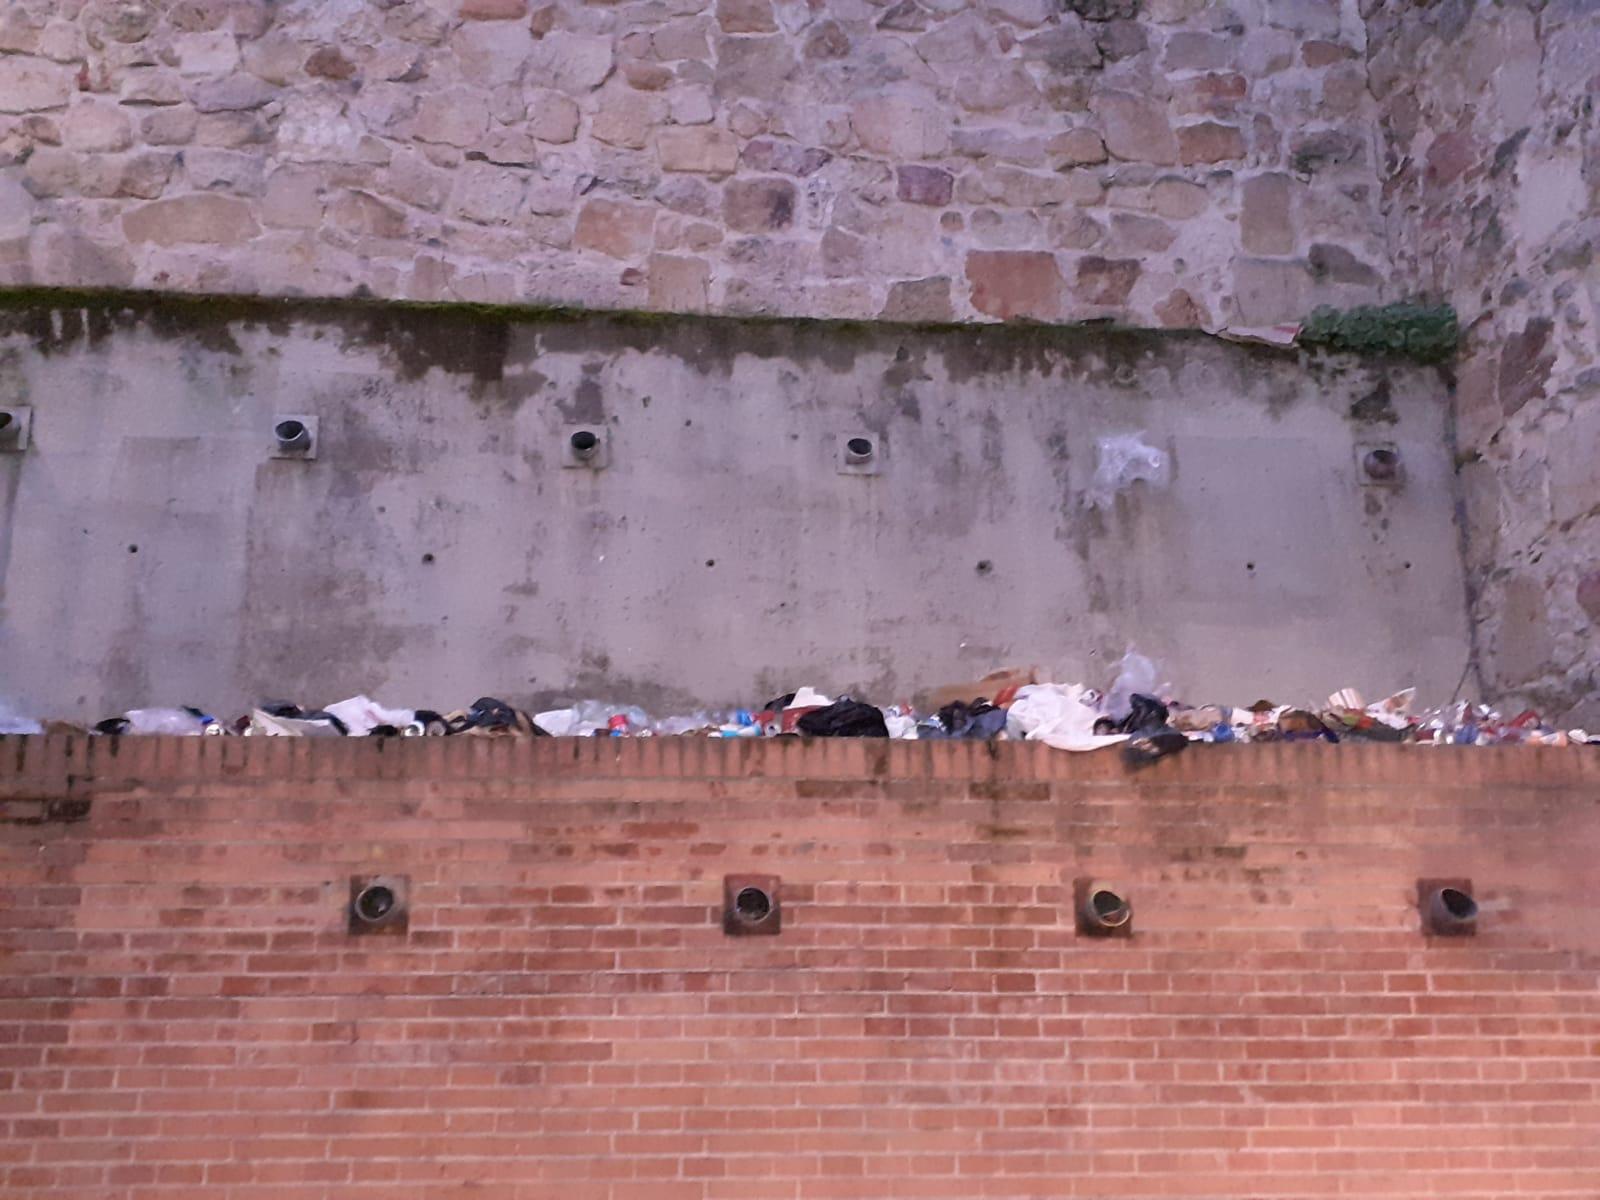 La suciedad se acumula en la trasera de la iglesia de Sancti Spiritus.